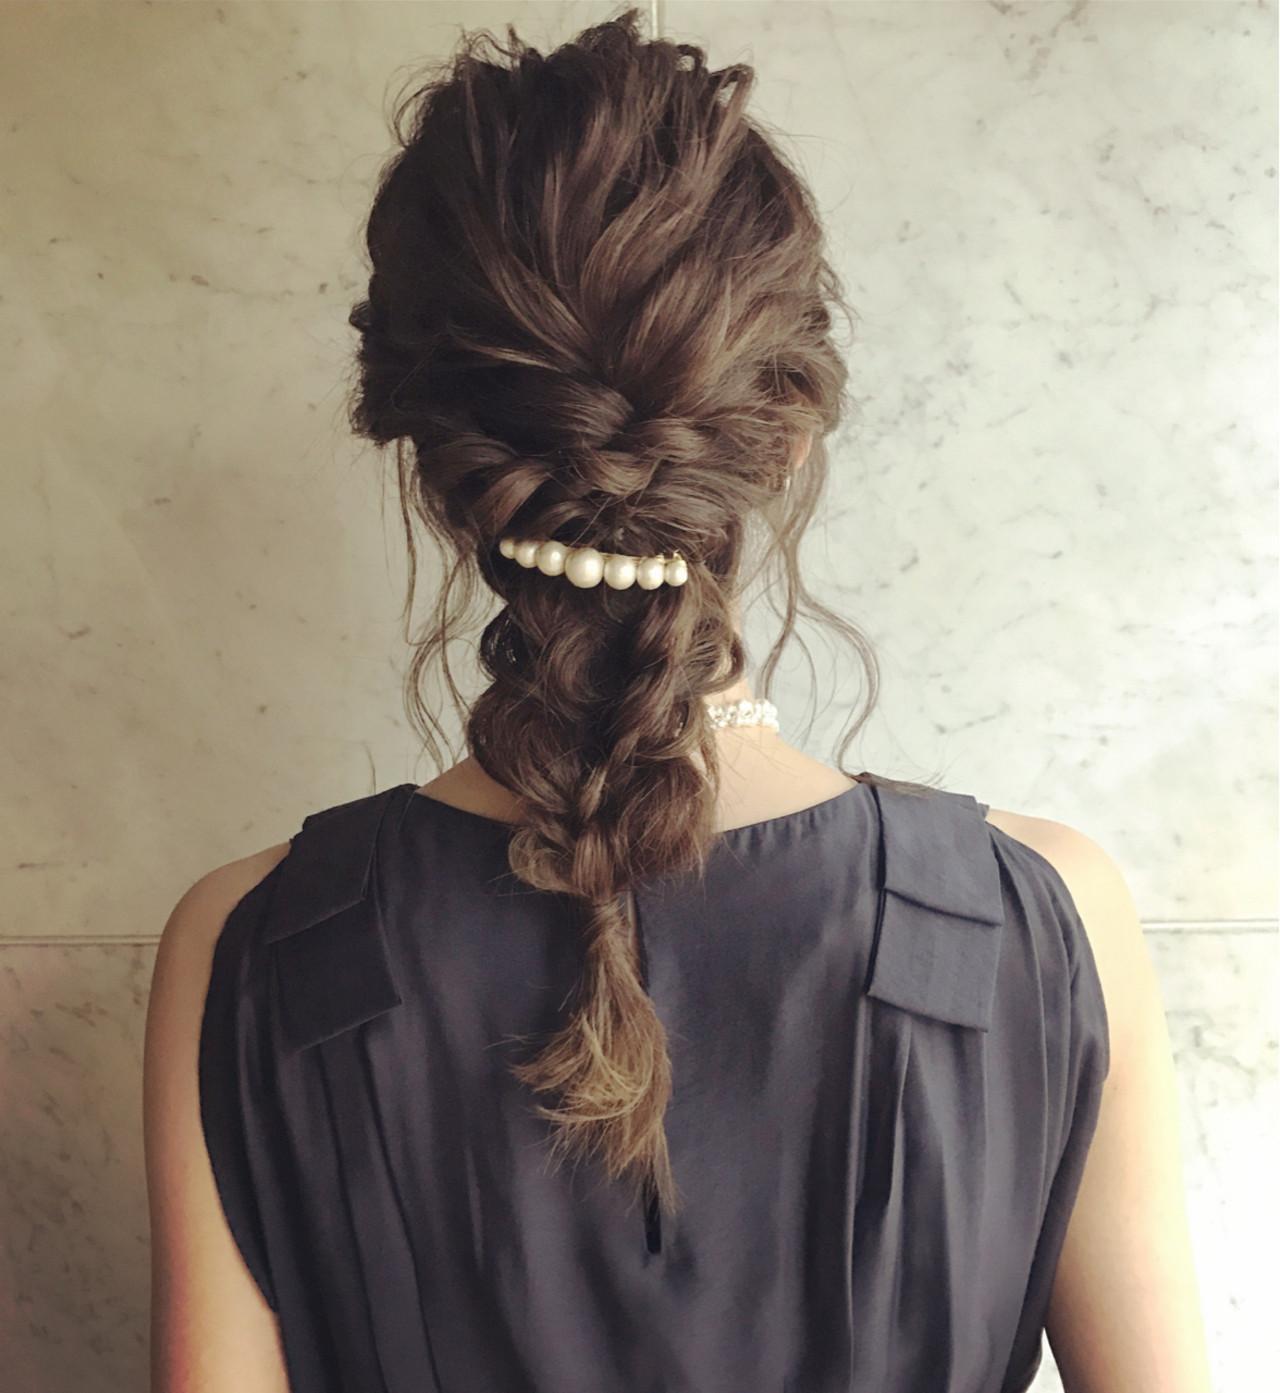 ナチュラル ヘアアレンジ セミロング 透明感 ヘアスタイルや髪型の写真・画像